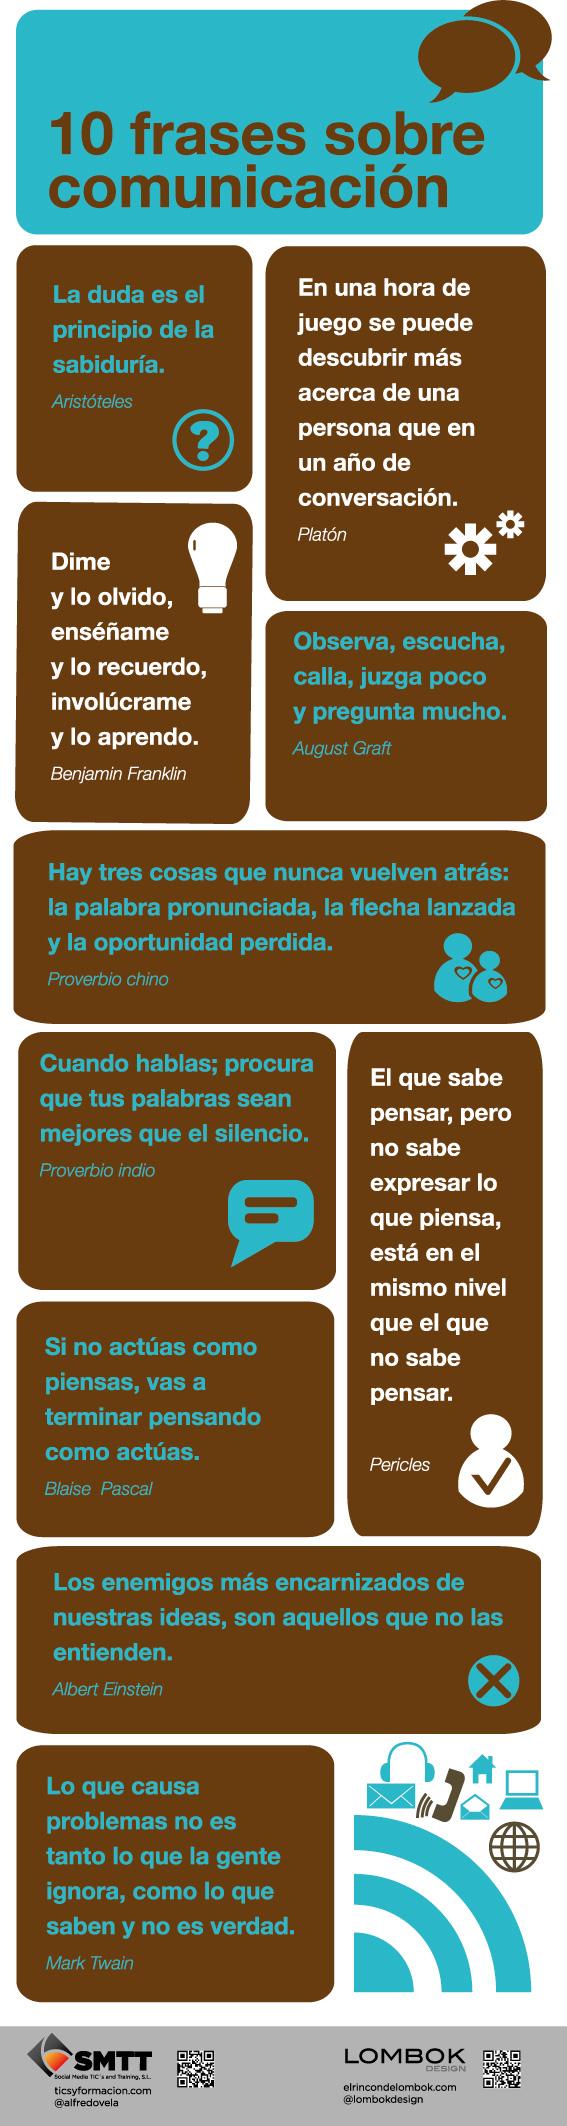 10 Frases Célebres Sobre Comunicación Infografia Comunitic